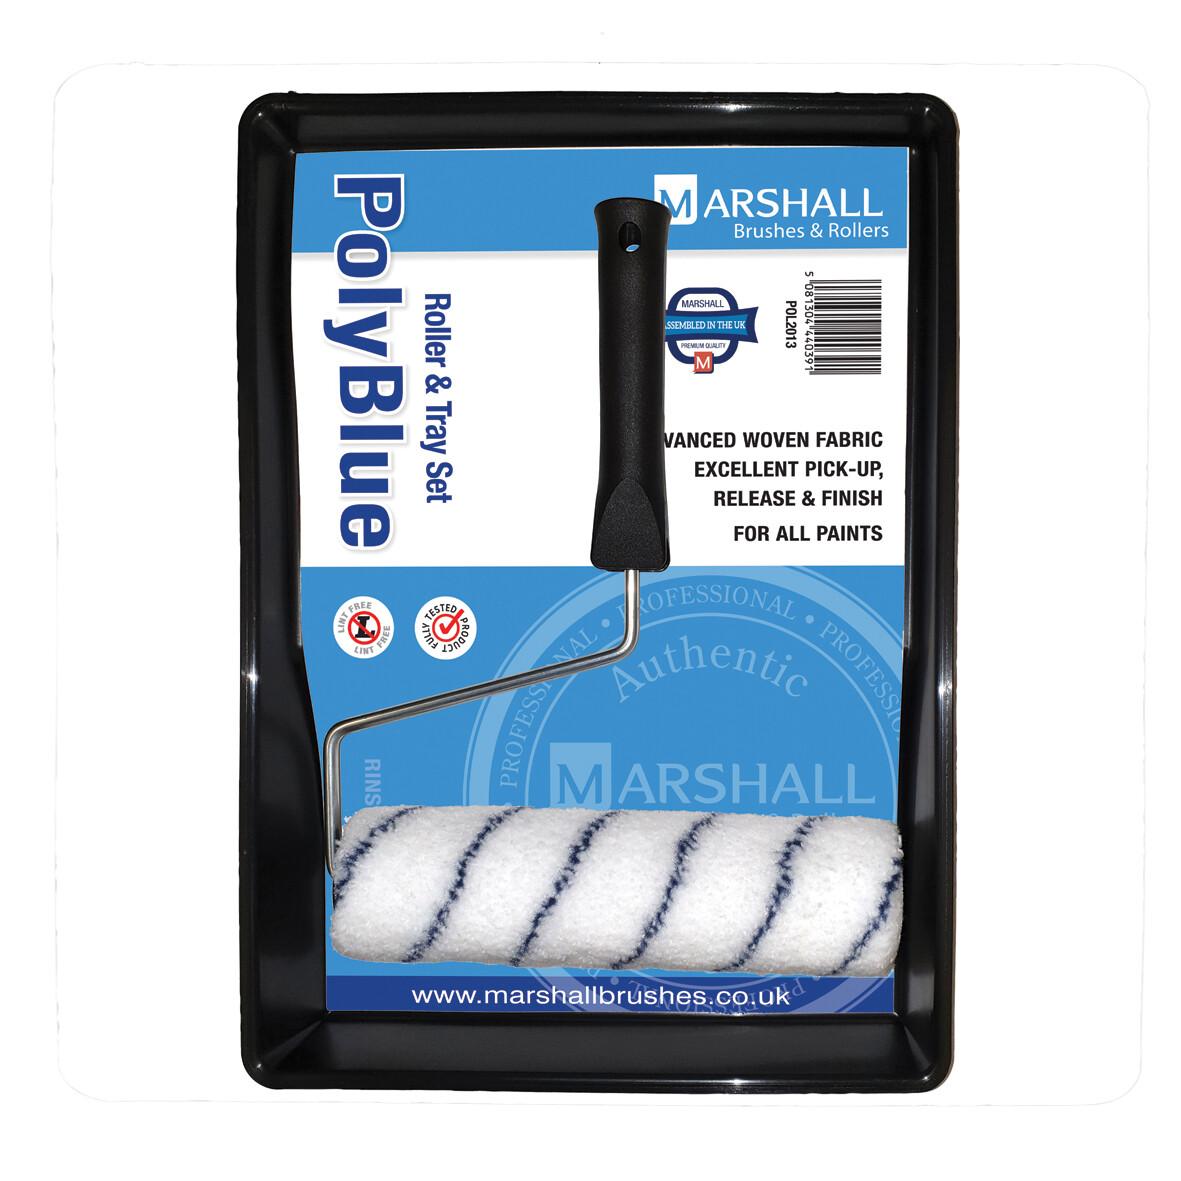 Marshall PolyBlue Single Roller Tray Kit